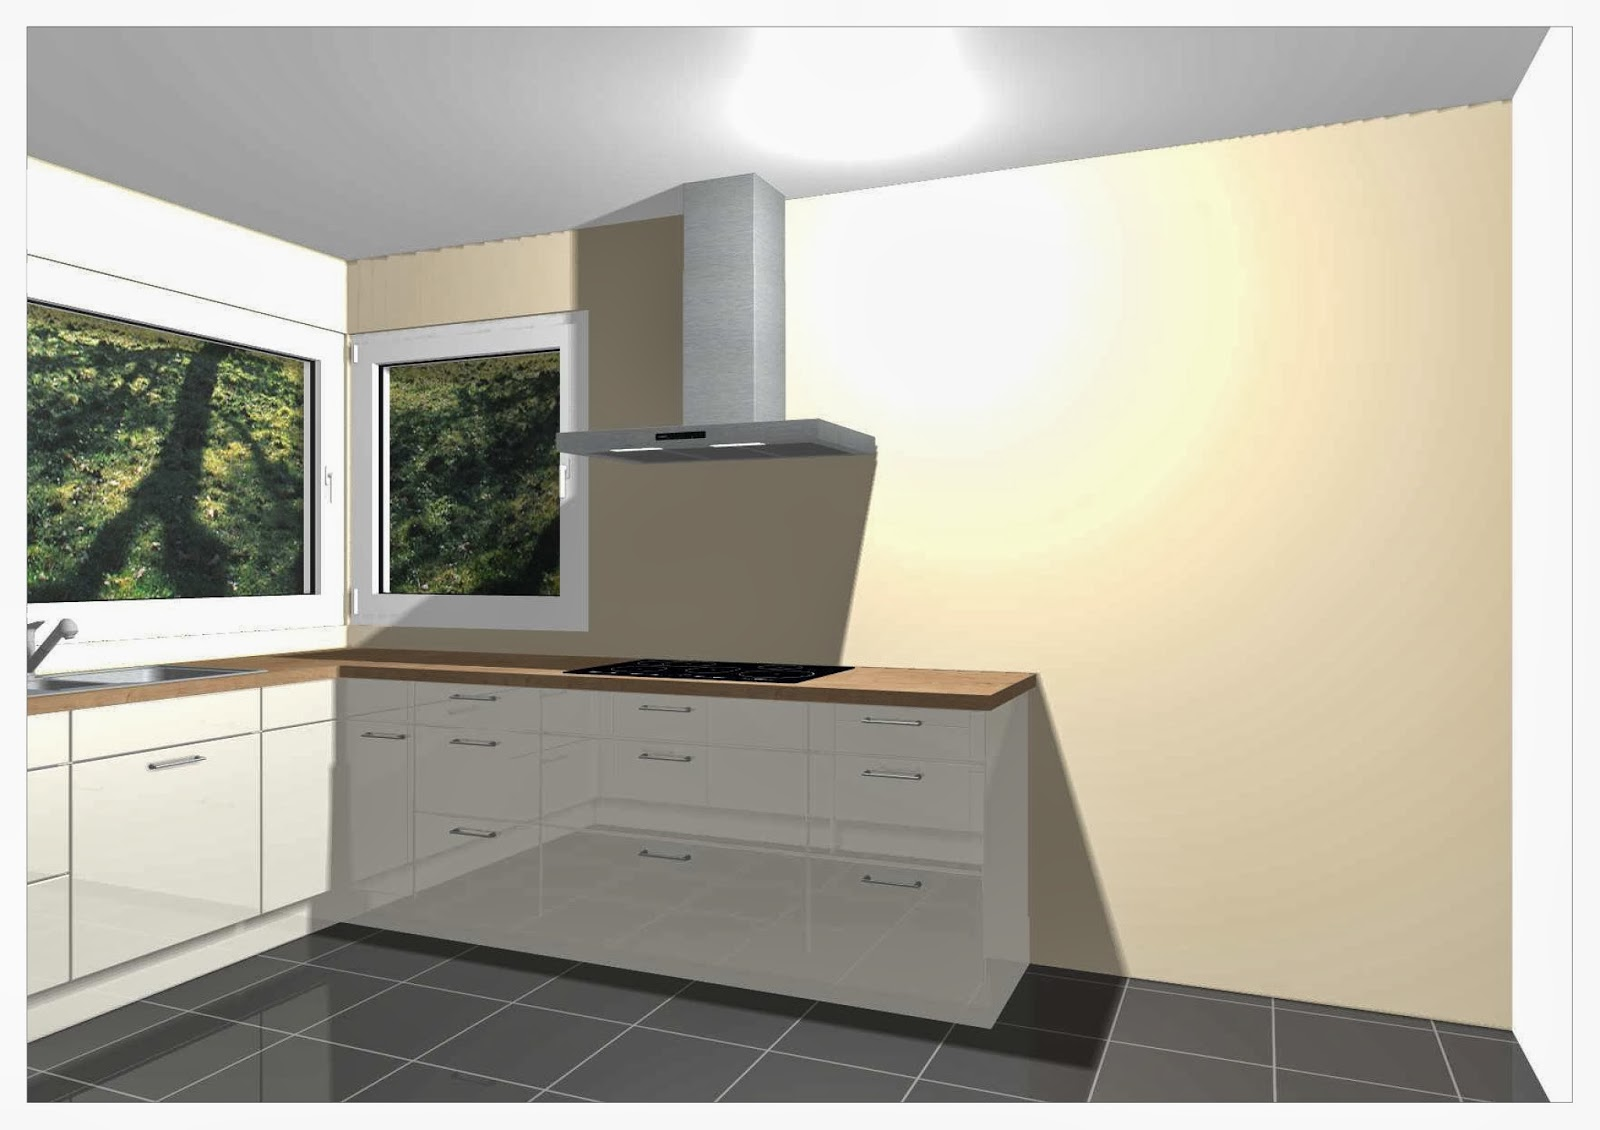 tcm bauen ein haus unsere k che ist fertig zumindest die planung. Black Bedroom Furniture Sets. Home Design Ideas